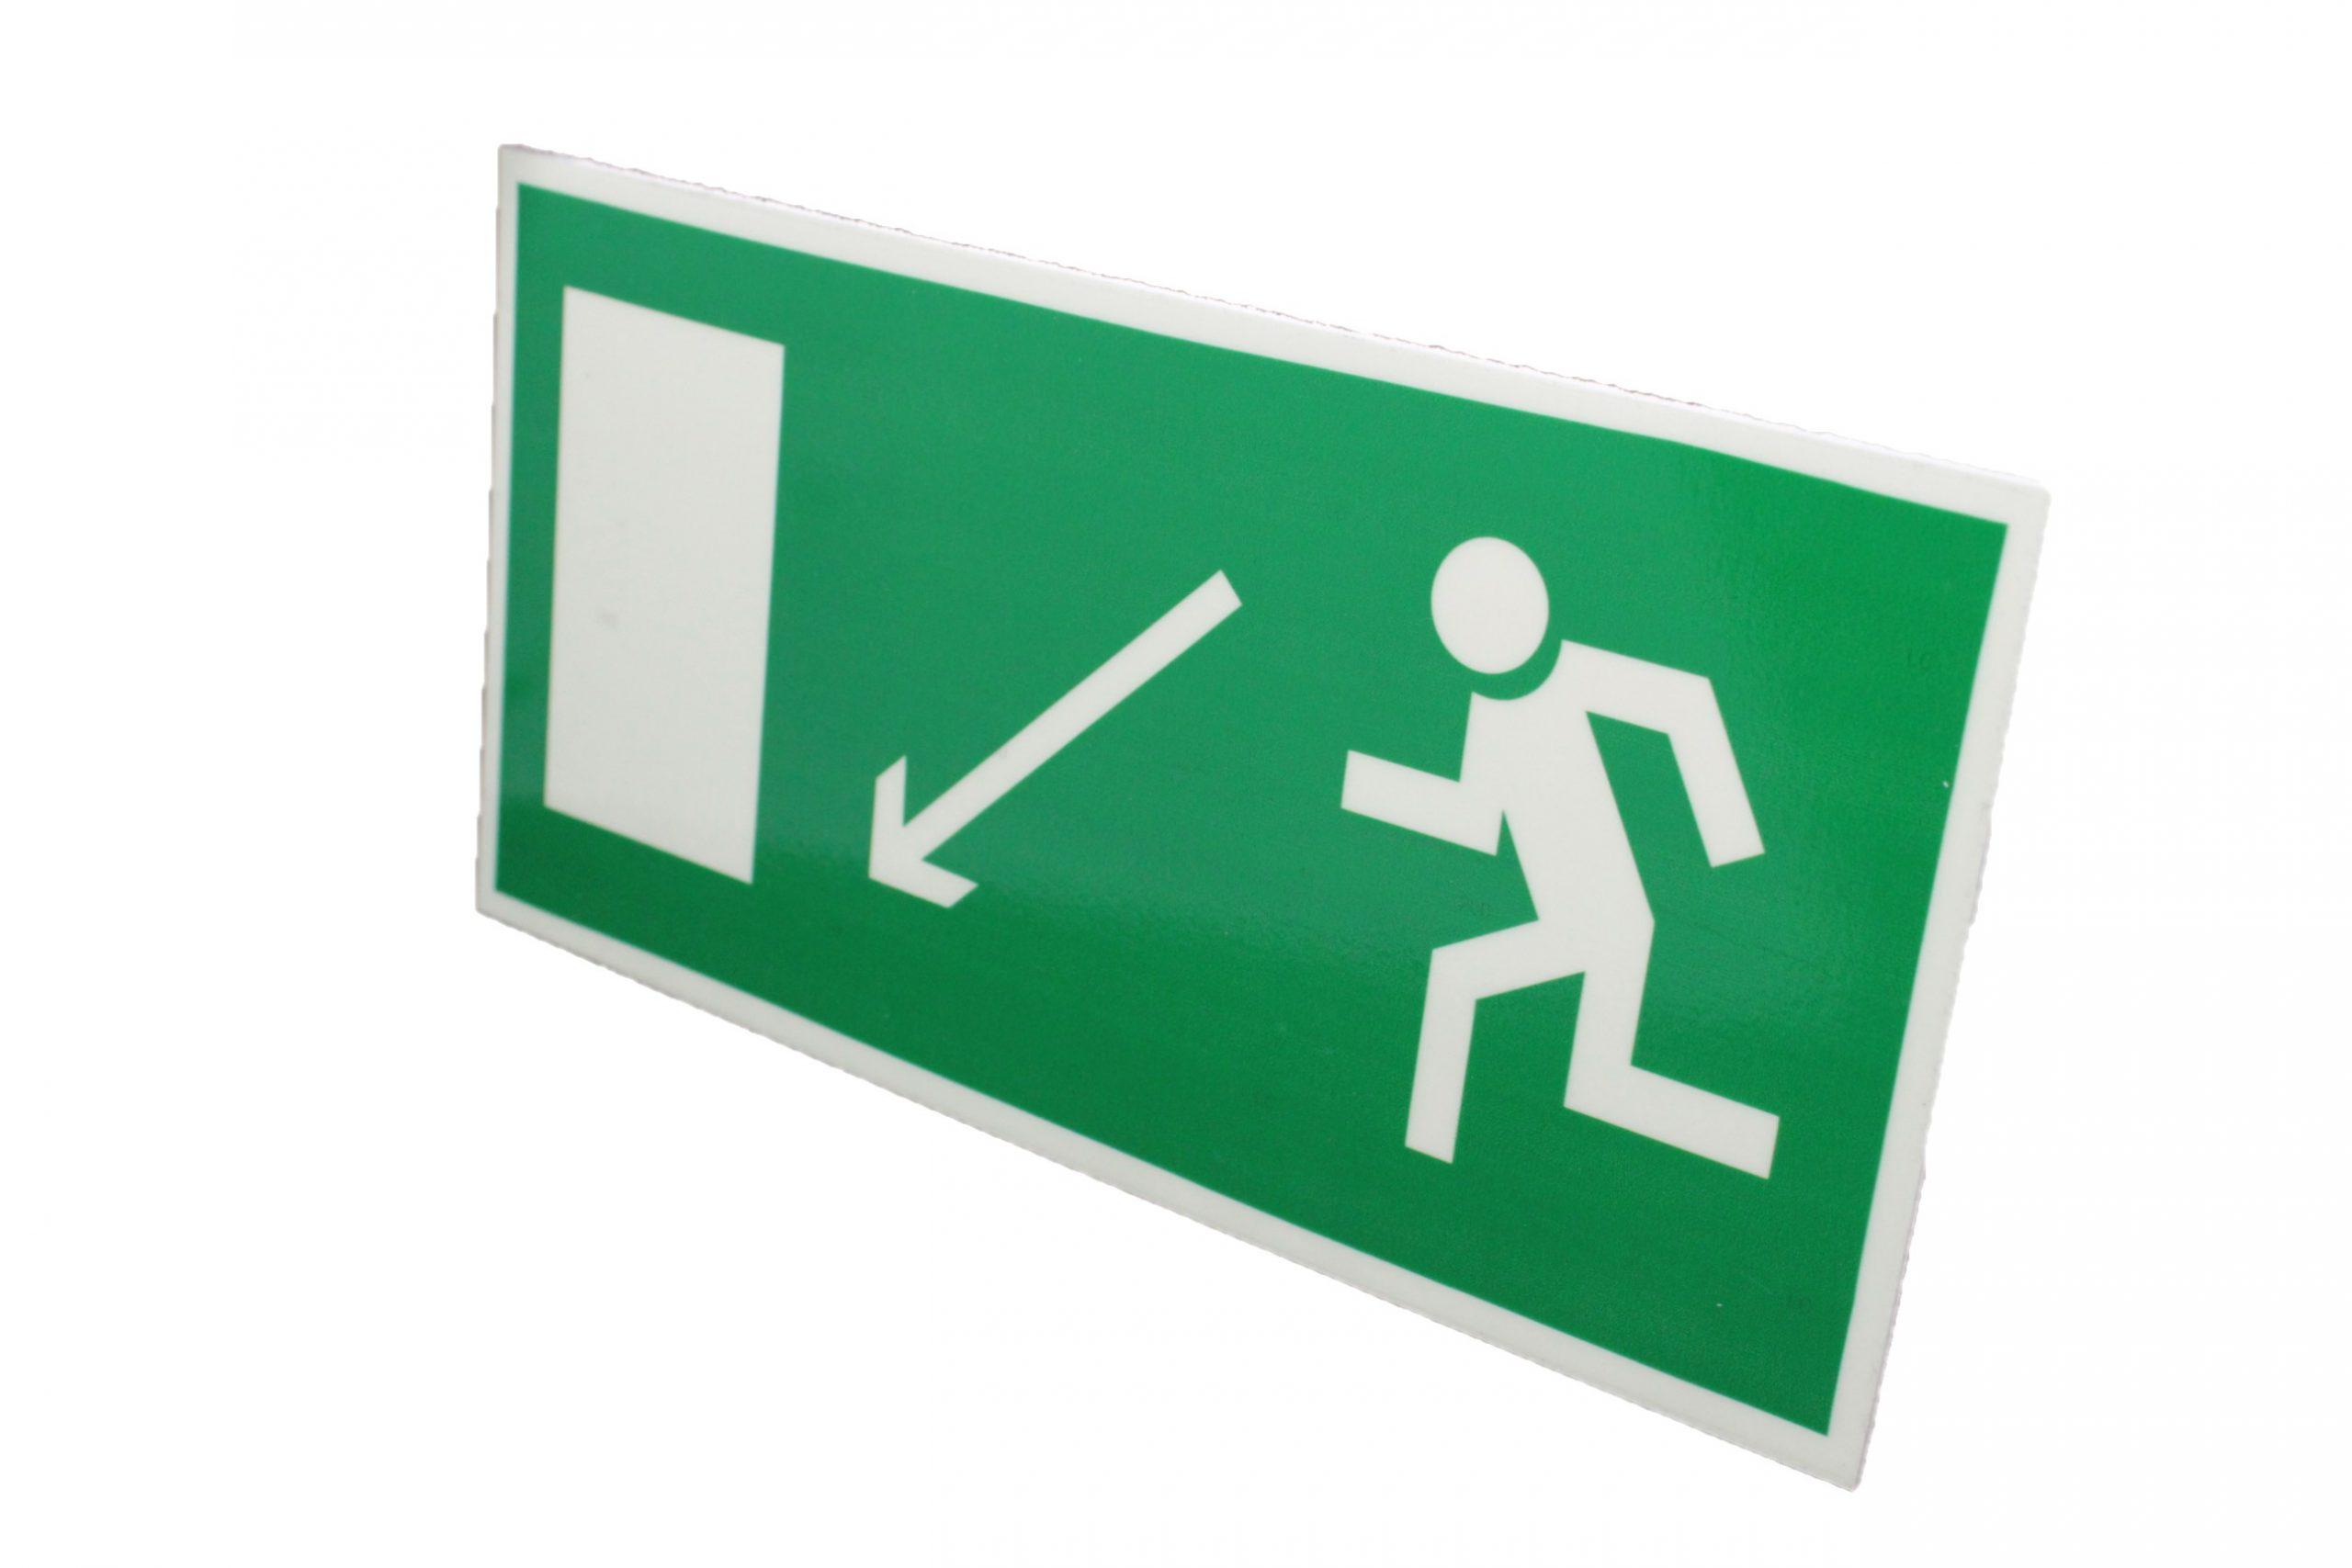 Знак эвакуации фотолюминесцентный выход налево вниз